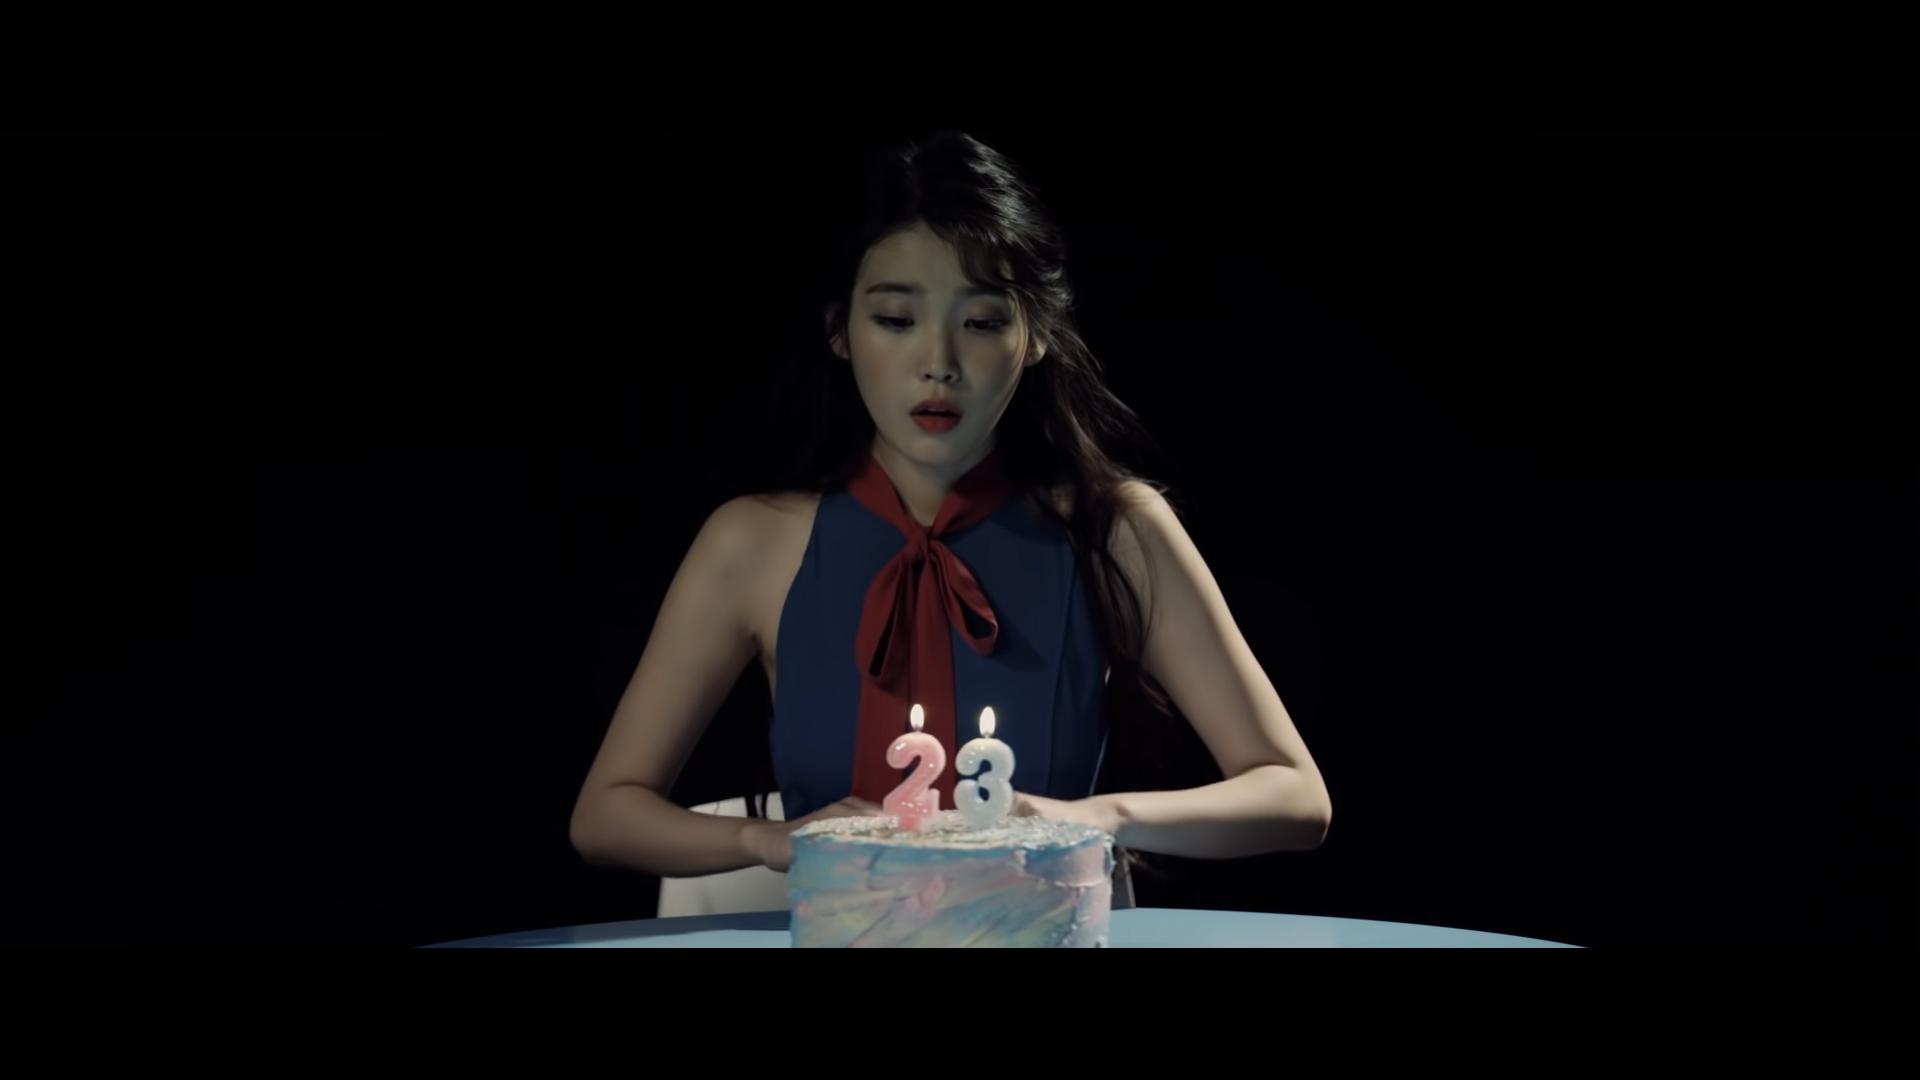 Ca sĩ IU mặc đầm xanh thắt nơ đỏ trong MV 23